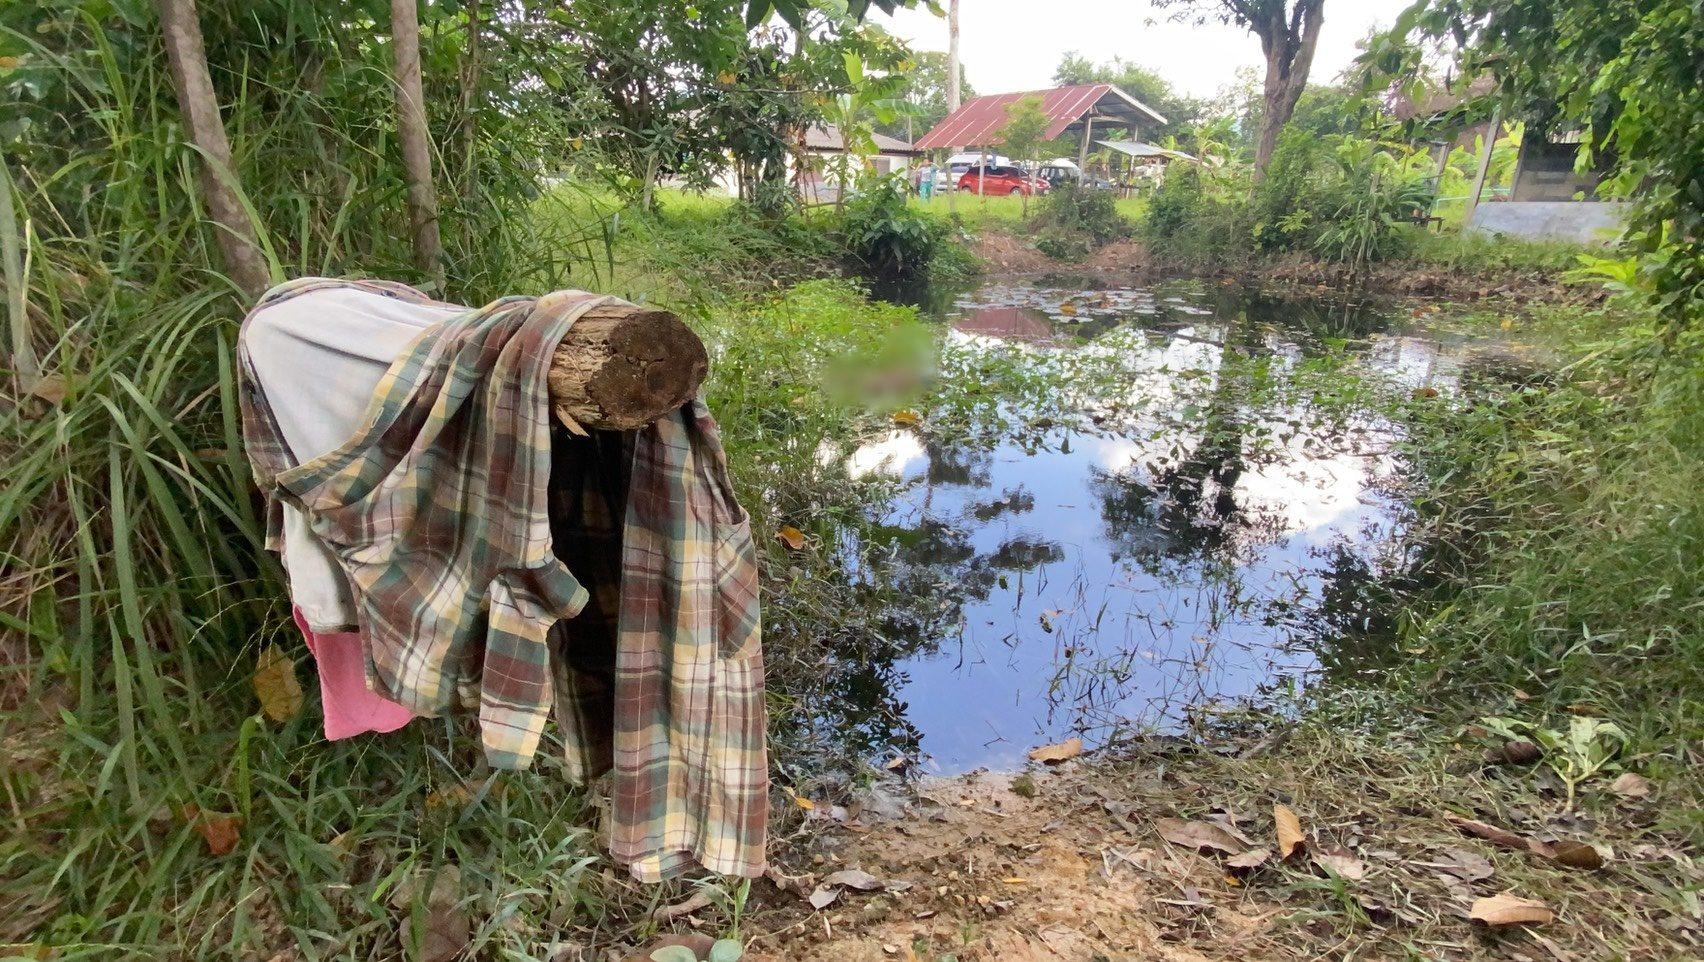 สลด ยายวัย 85 จมน้ำดับ หลานผงะเอาไม้เขี่ยในบ่อคิดว่าเป็นหมอน คาดเป็นลมแล้วพลัดตก